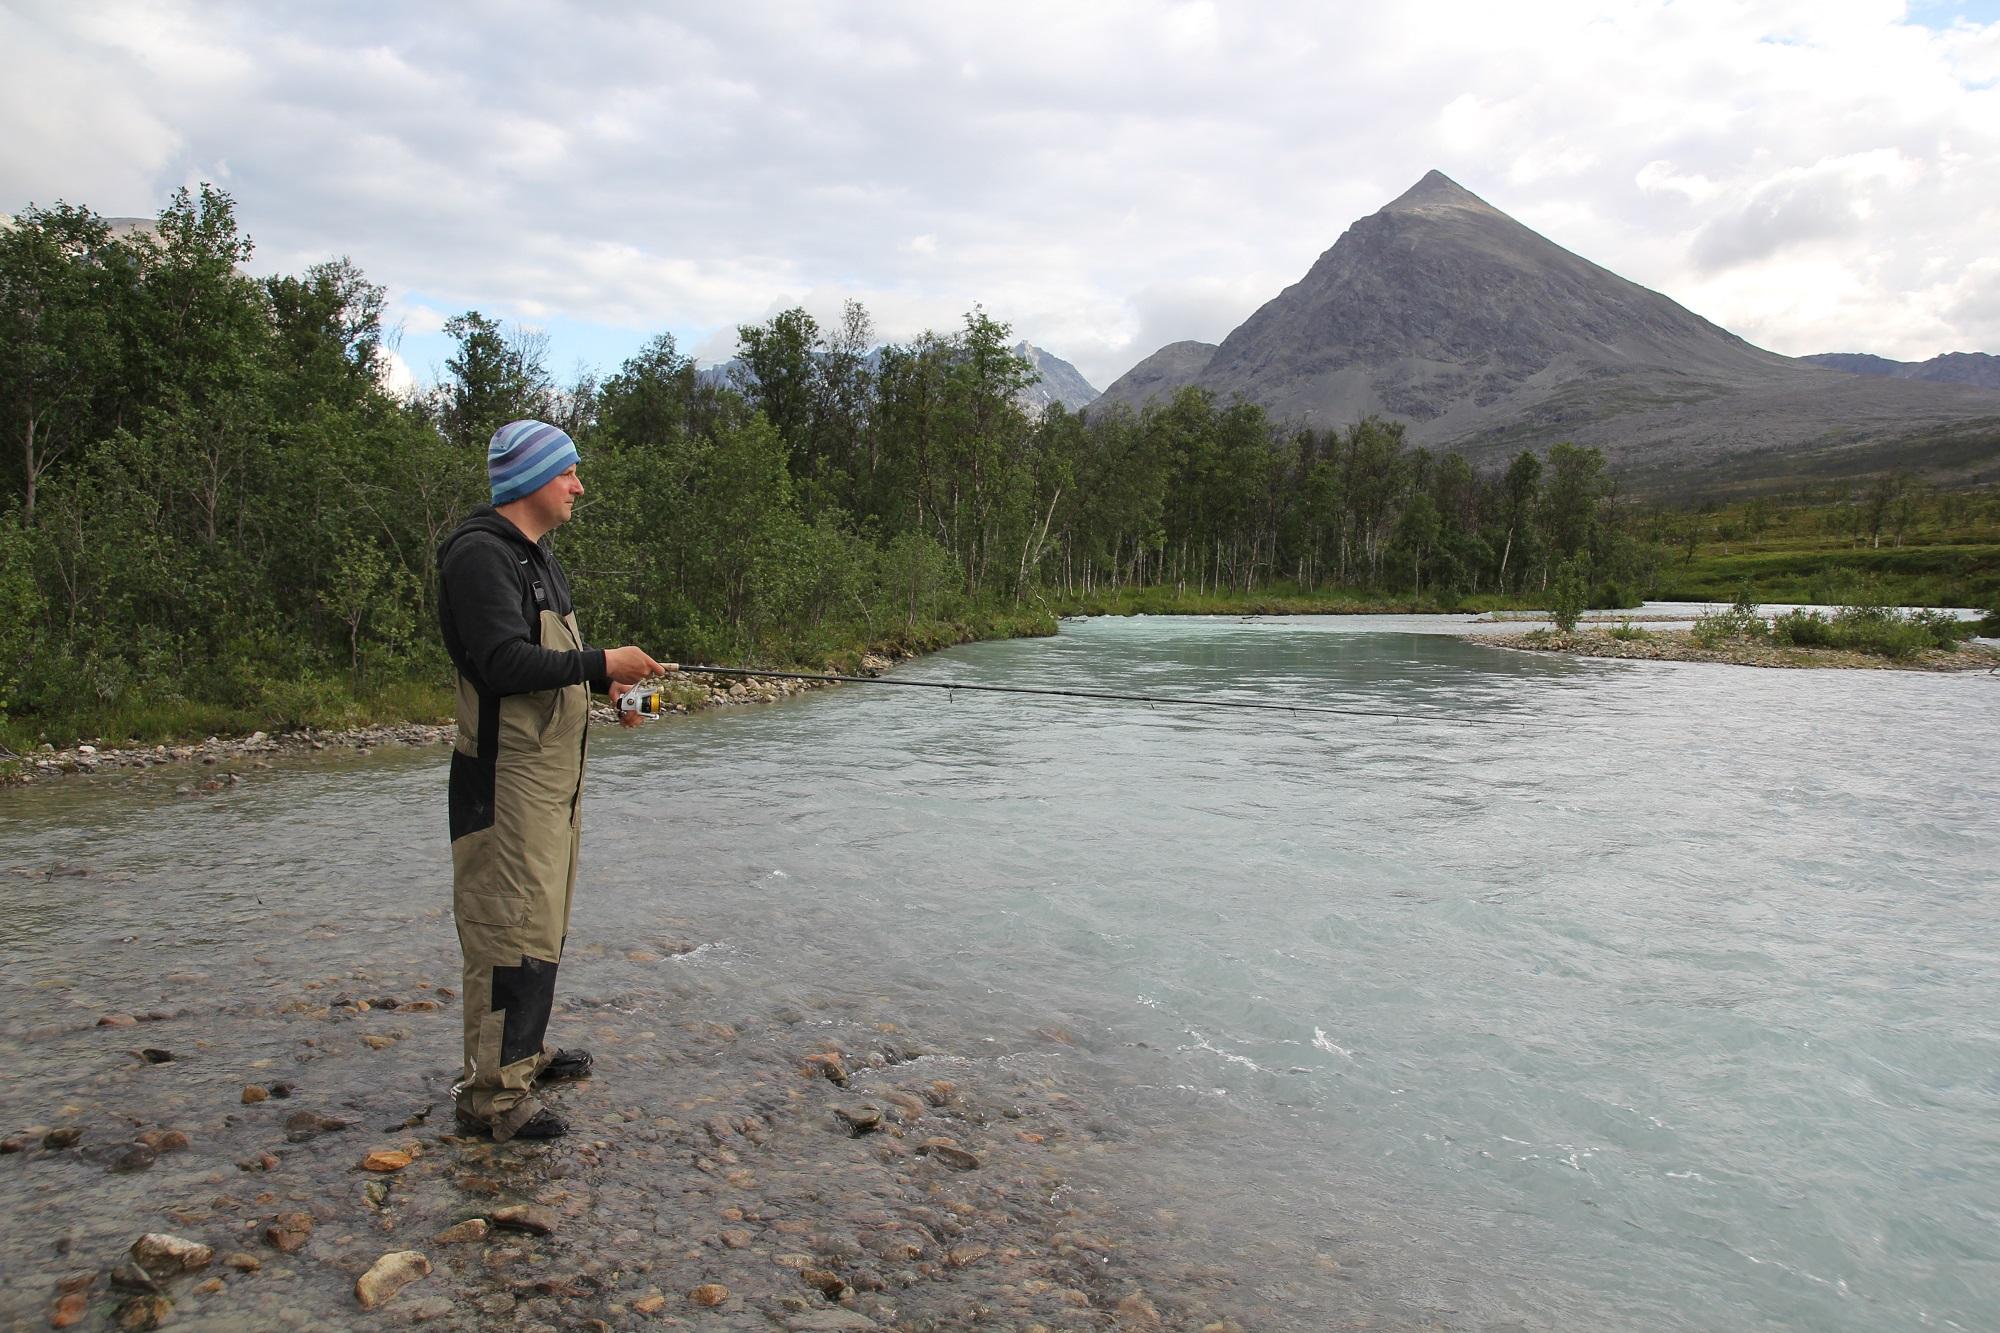 Am Ende des Fjordes befindet sich ein Lachsfluss, der auch Saiblinge beheimatet